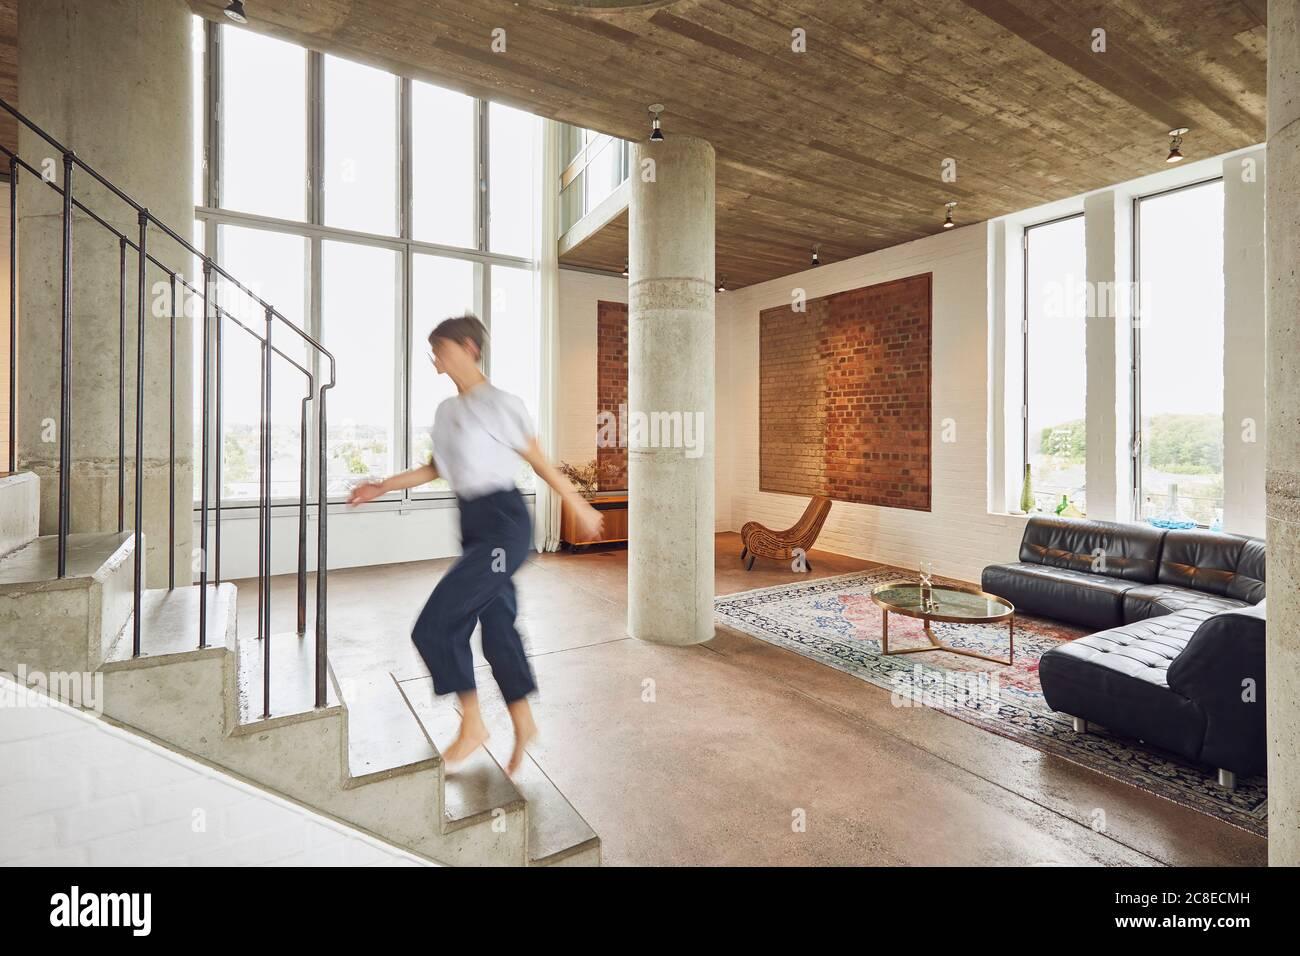 Bauhaus Treppe Stockfotos Und Bilder Kaufen Alamy